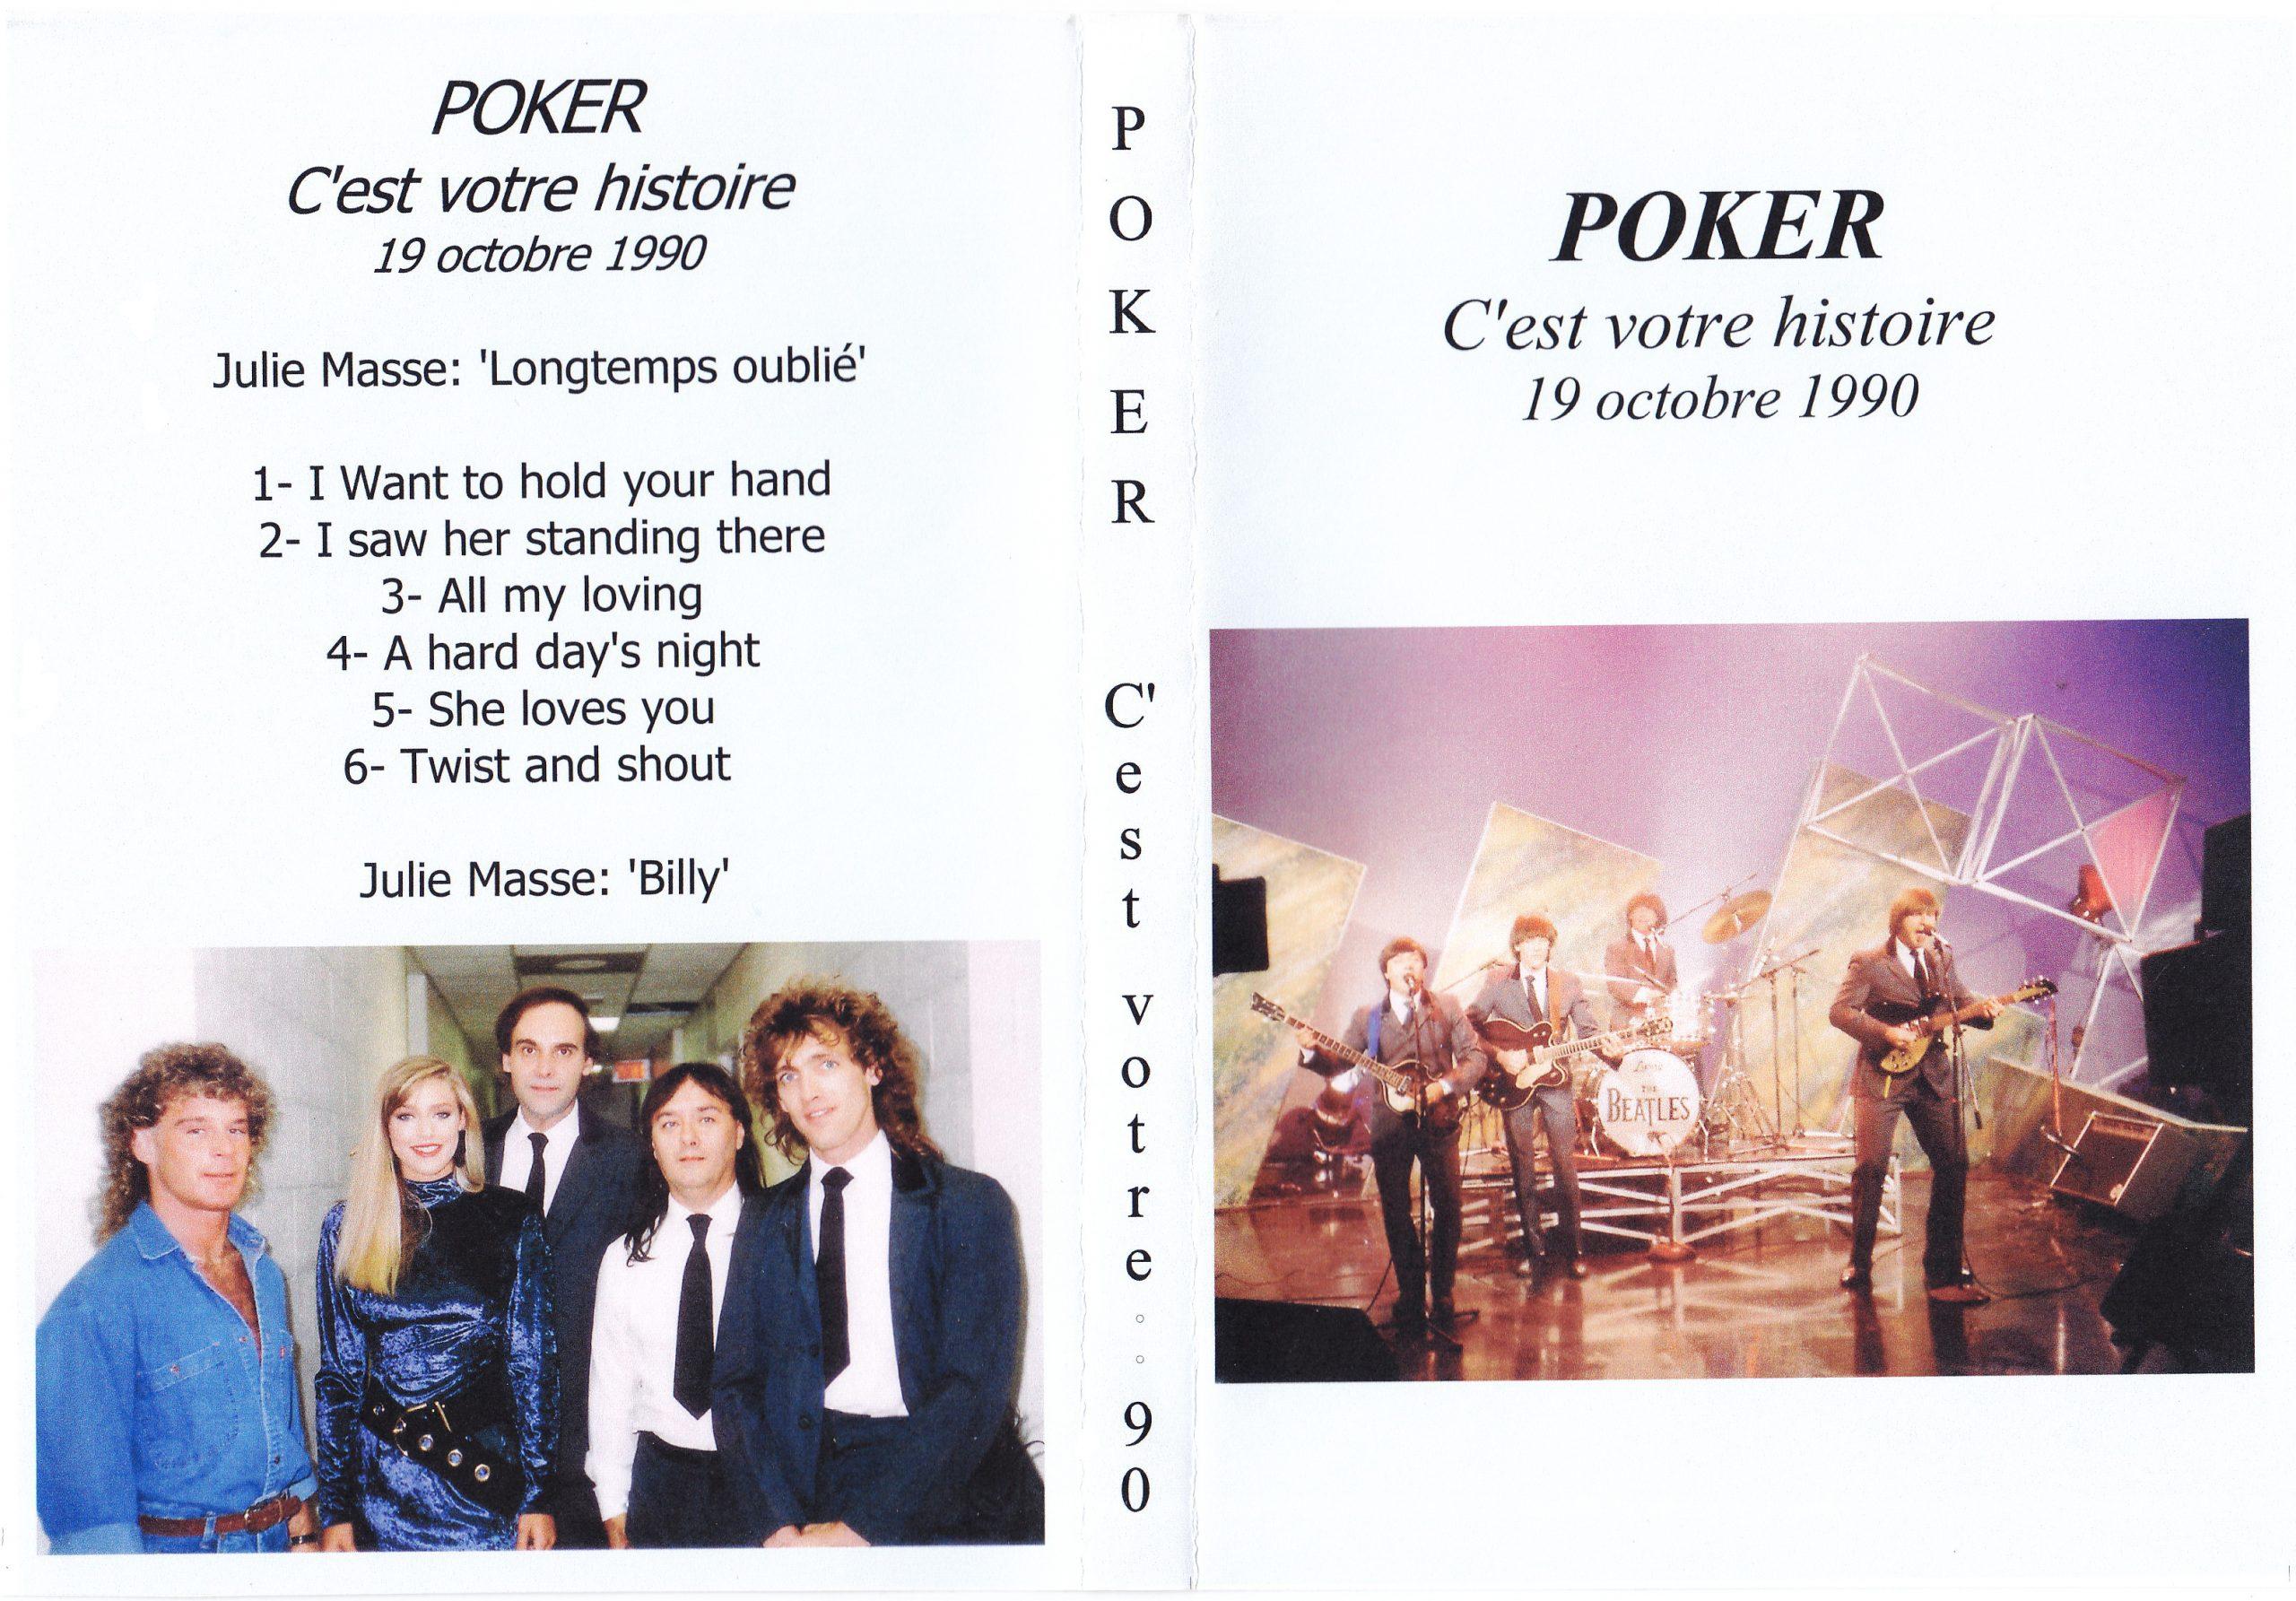 1990-poker-cest-votre-histoire